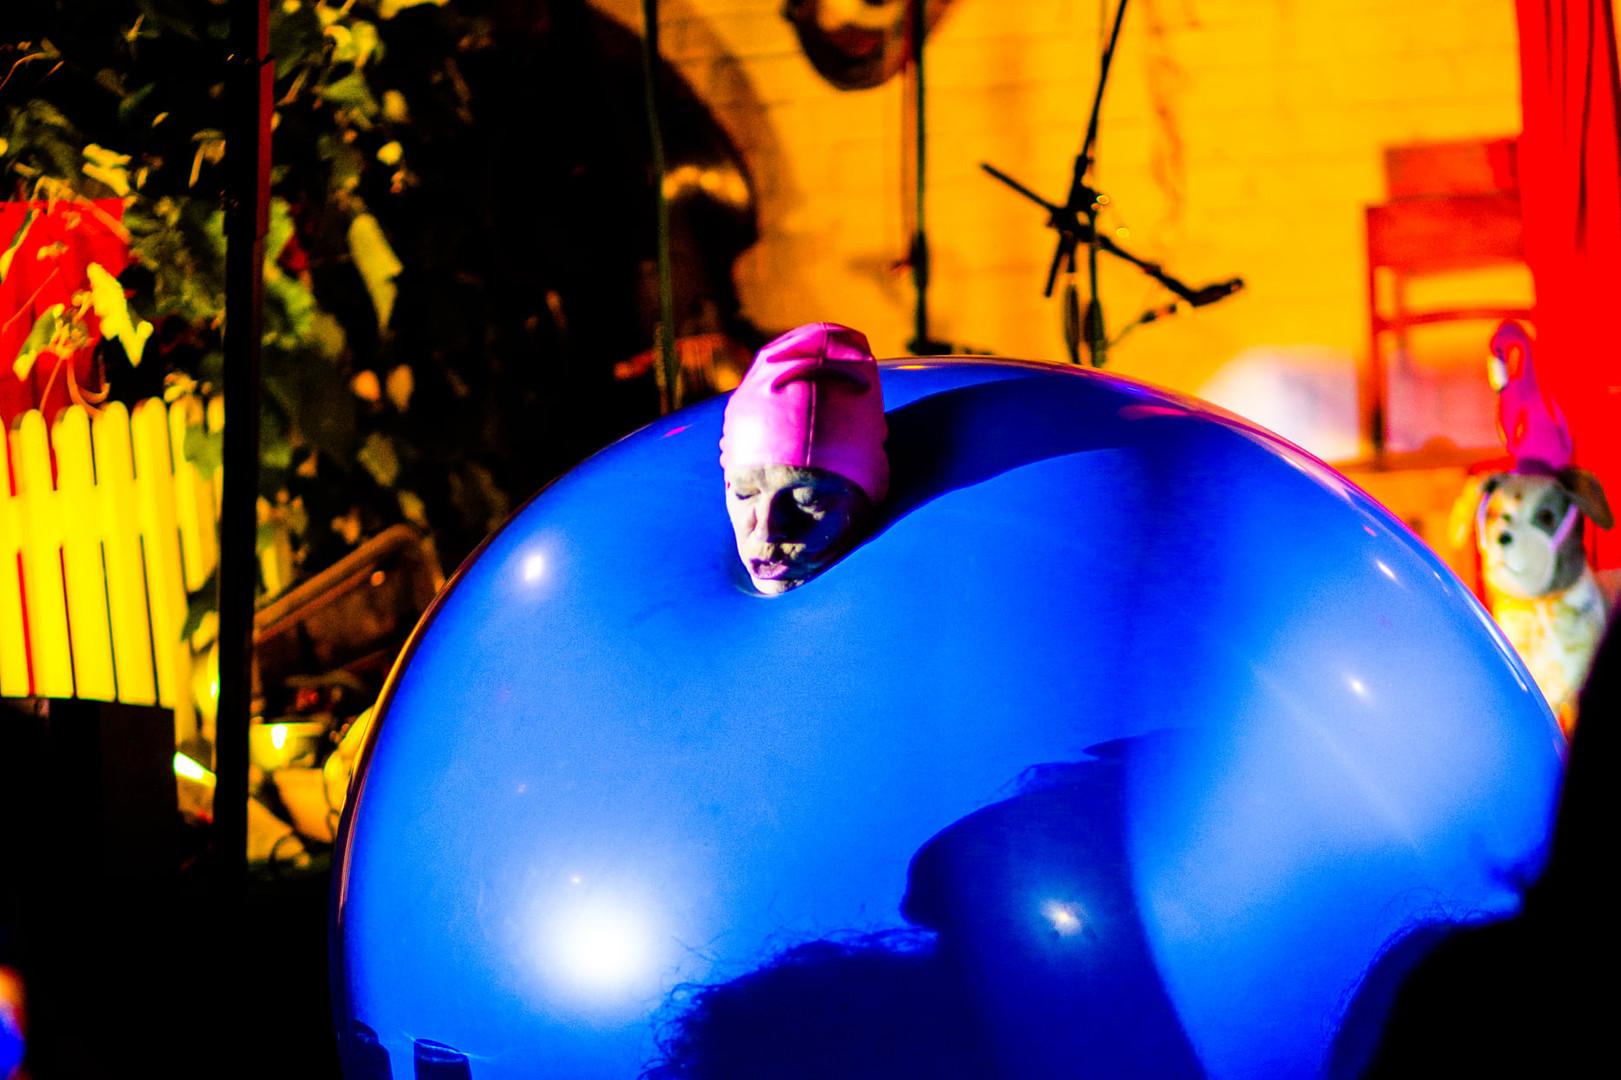 Giant Balloon Act